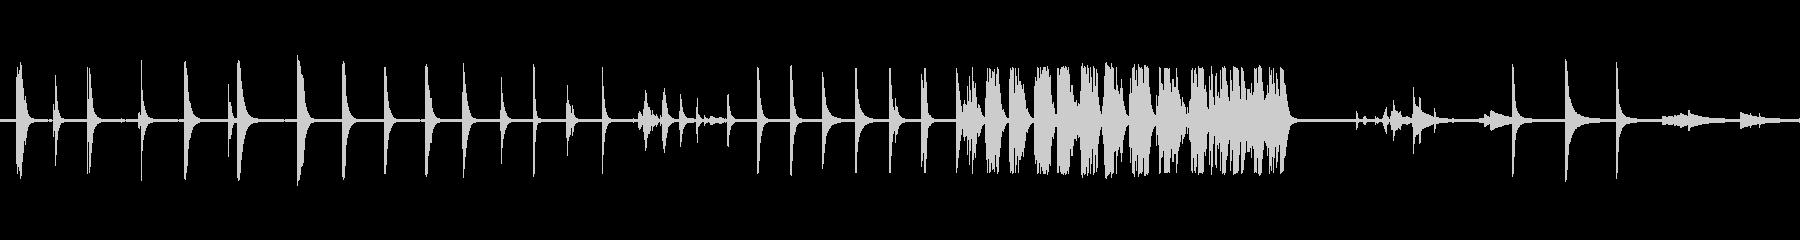 ベルテンプルリングアウト複数の未再生の波形